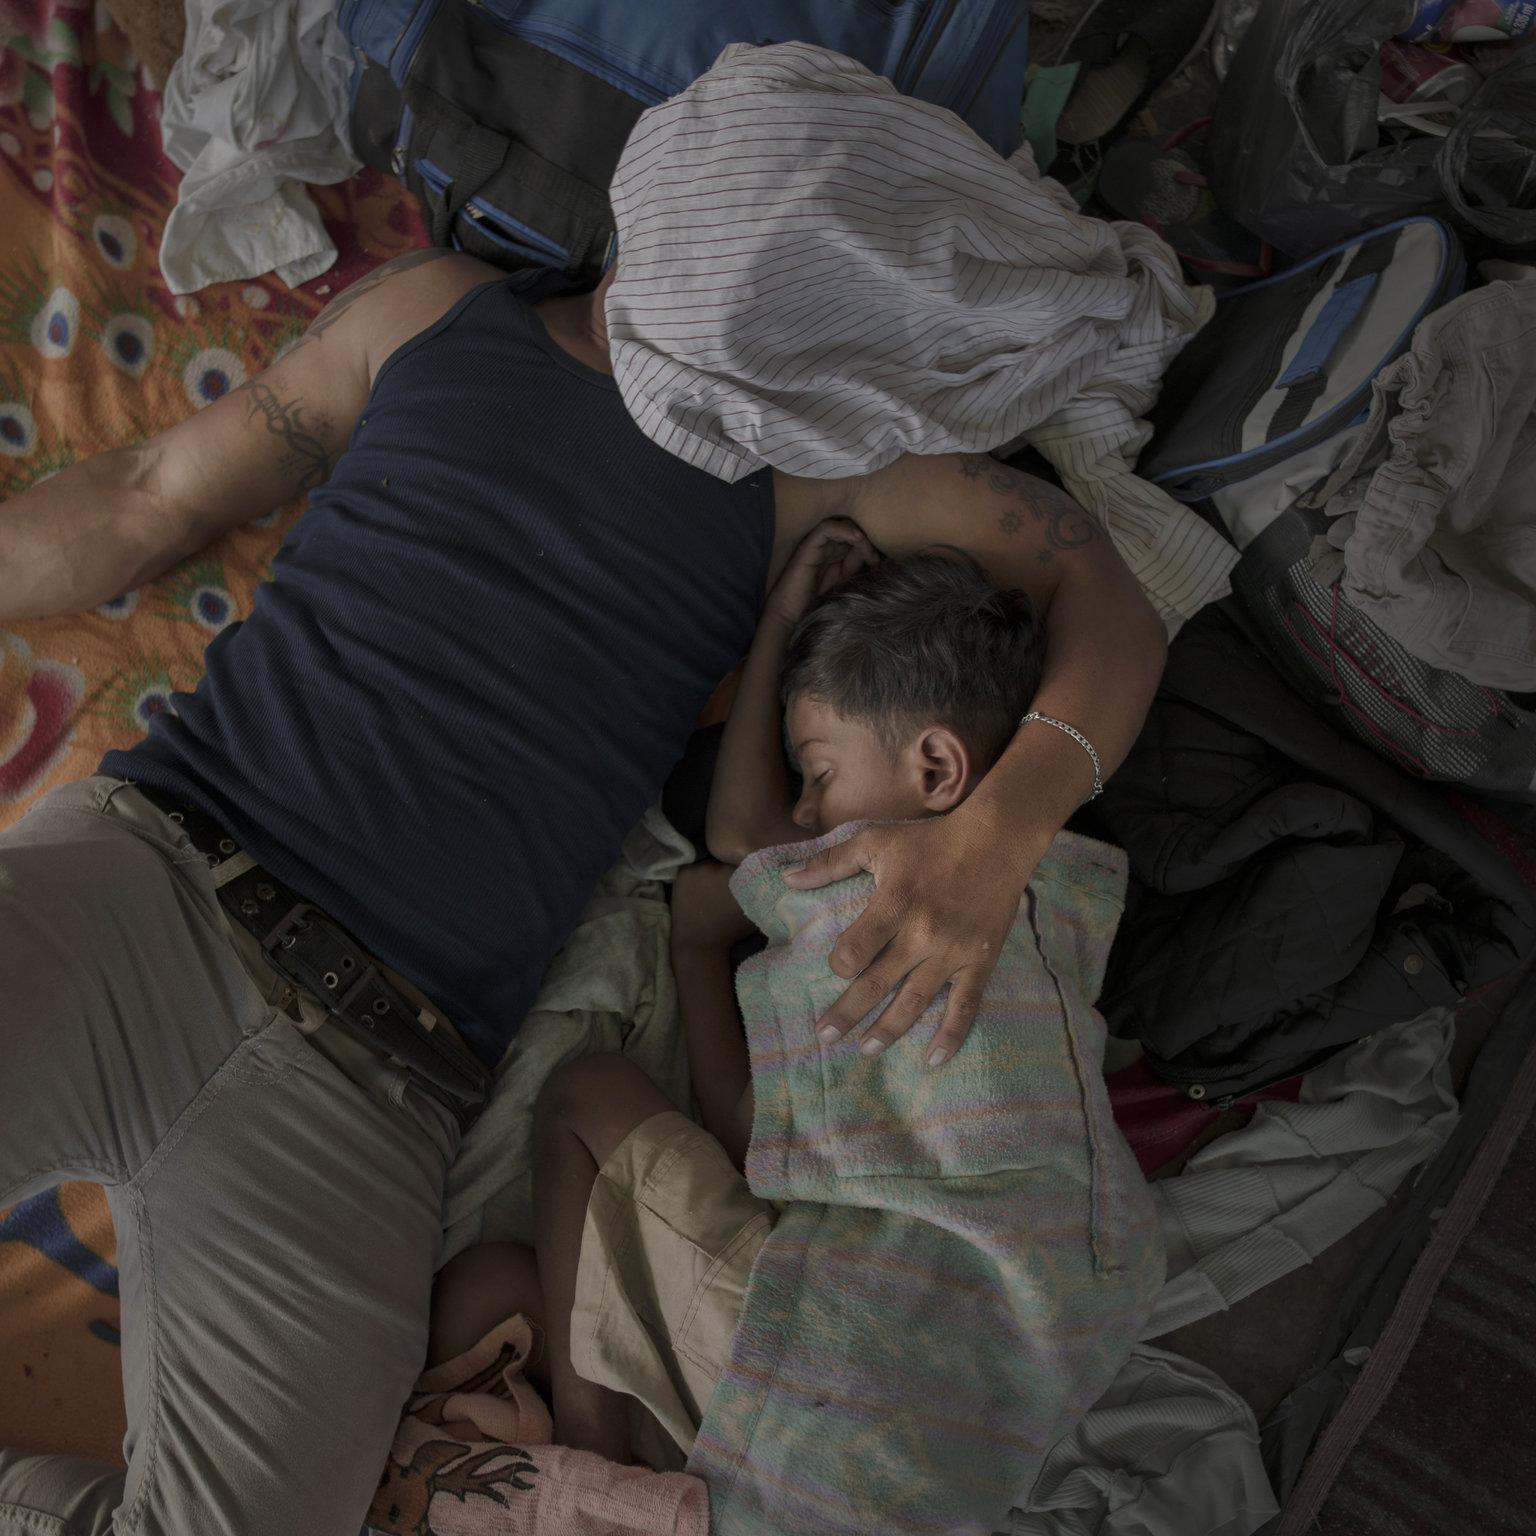 Juchitan, 2019. április 12. A World Press Photo Alapítvány által közreadott, 2018. októberben készített képen az Egyesült Államokba igyekvő közép-amerikai illegális bevándorlókhoz tartozó apa és fia megpihen a napi gyaloglás után a mexikói Juchitanban. A fénykép a svéd-holland Pieter Ten Hoopen A migránskaraván című munkájának része, amellyel elnyerte a 2018-as Év Fotóriportja díjat a World Press Photo nemzetközi sajtófotóversenyen 2019. április 11-én. MTI/EPA/Pieter Ten Hoopen